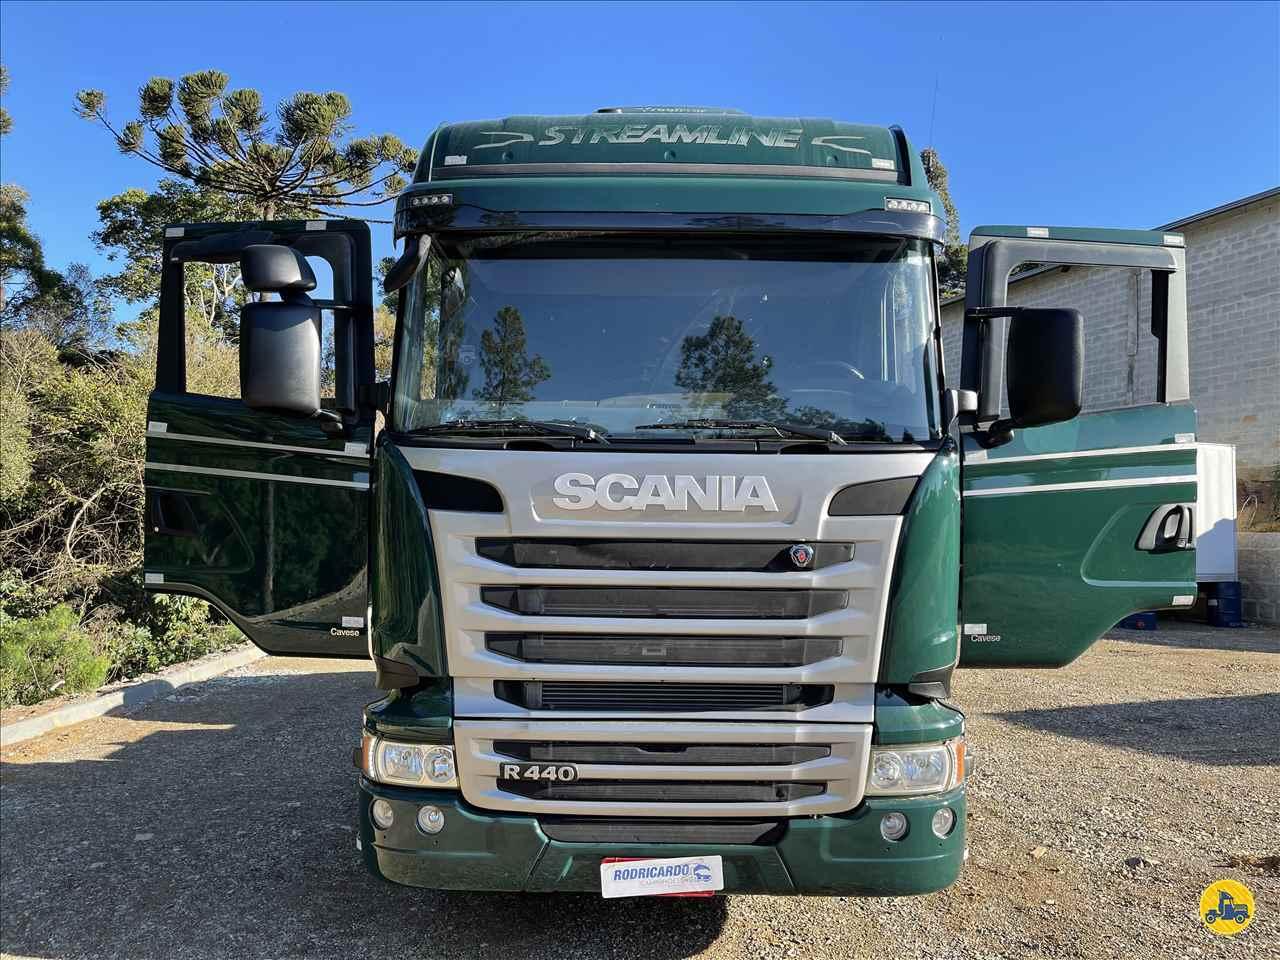 CAMINHAO SCANIA SCANIA 440 Cavalo Mecânico Traçado 6x4 Rodricardo Caminhões COLOMBO PARANÁ PR